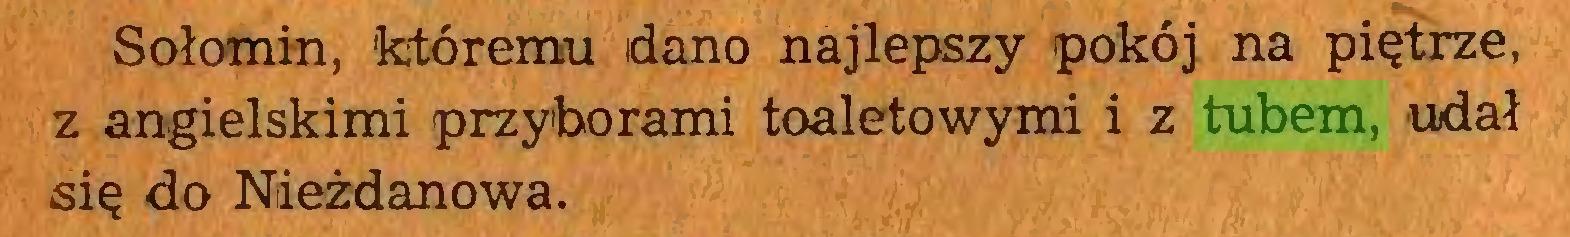 (...) Sołomin, któremu dano najlepszy pokój na piętrze, z angielskimi przyborami toaletowymi i z tubem, udał się do Niieżdanowa...